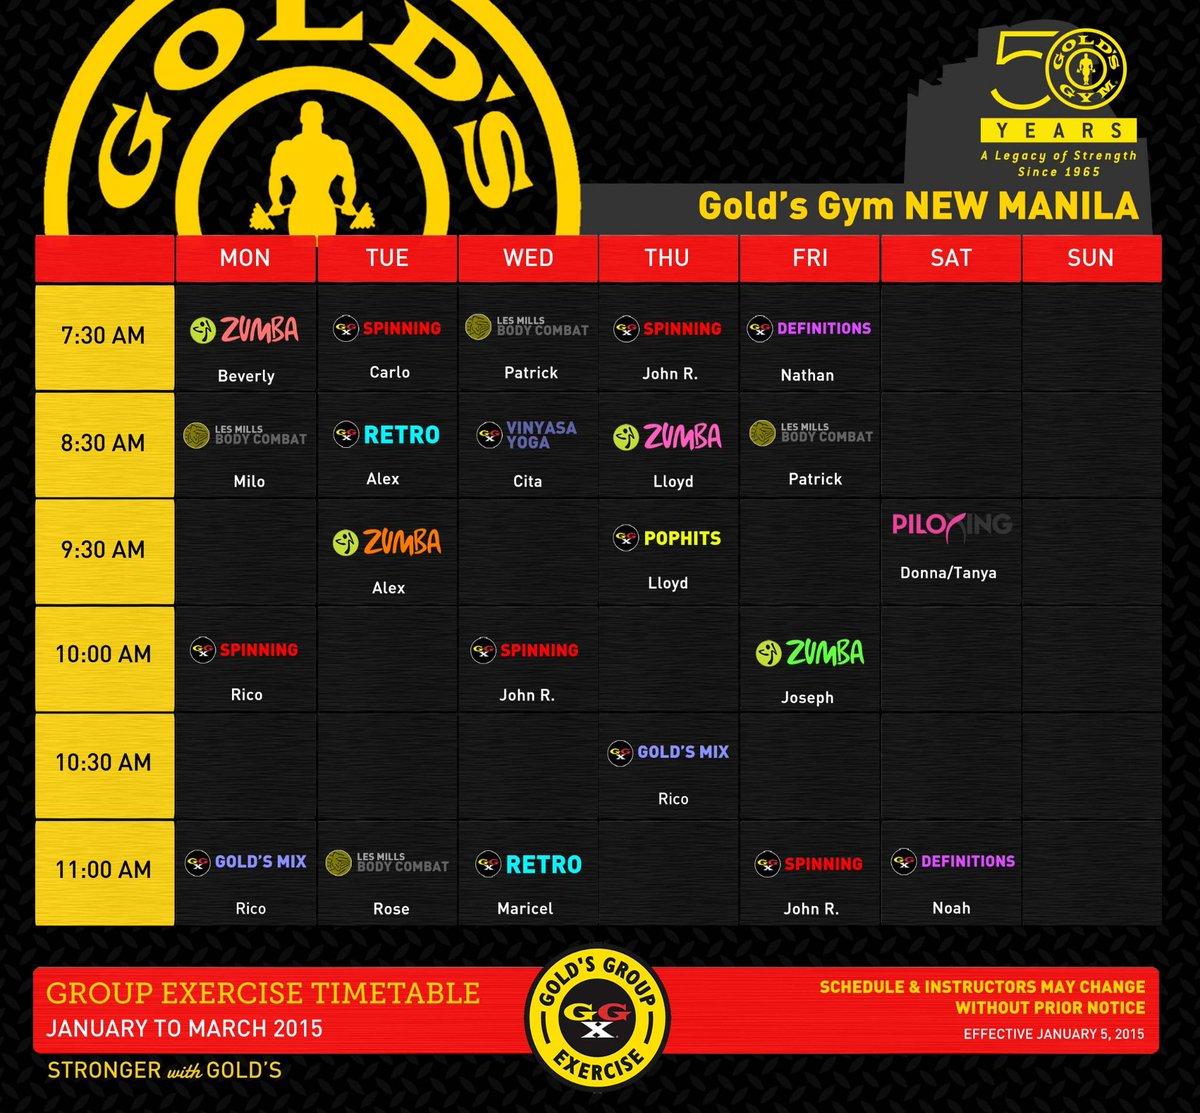 """goldsgymphilippines on twitter: """"gold's gym new manila ggx schedule"""